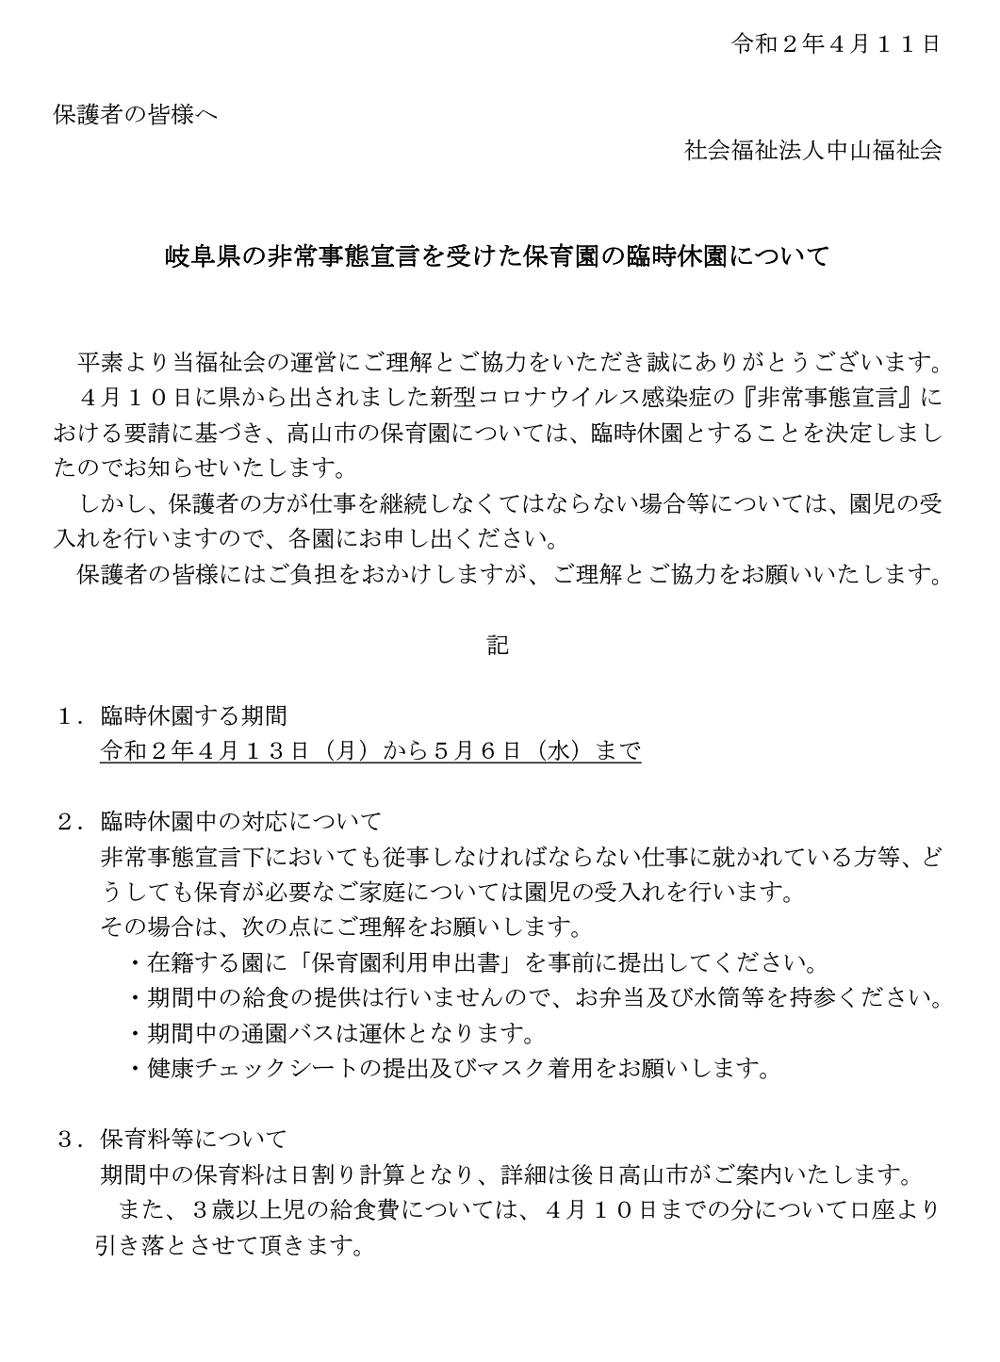 岐阜県の非常事態宣言を受けた保育園の臨時休園について